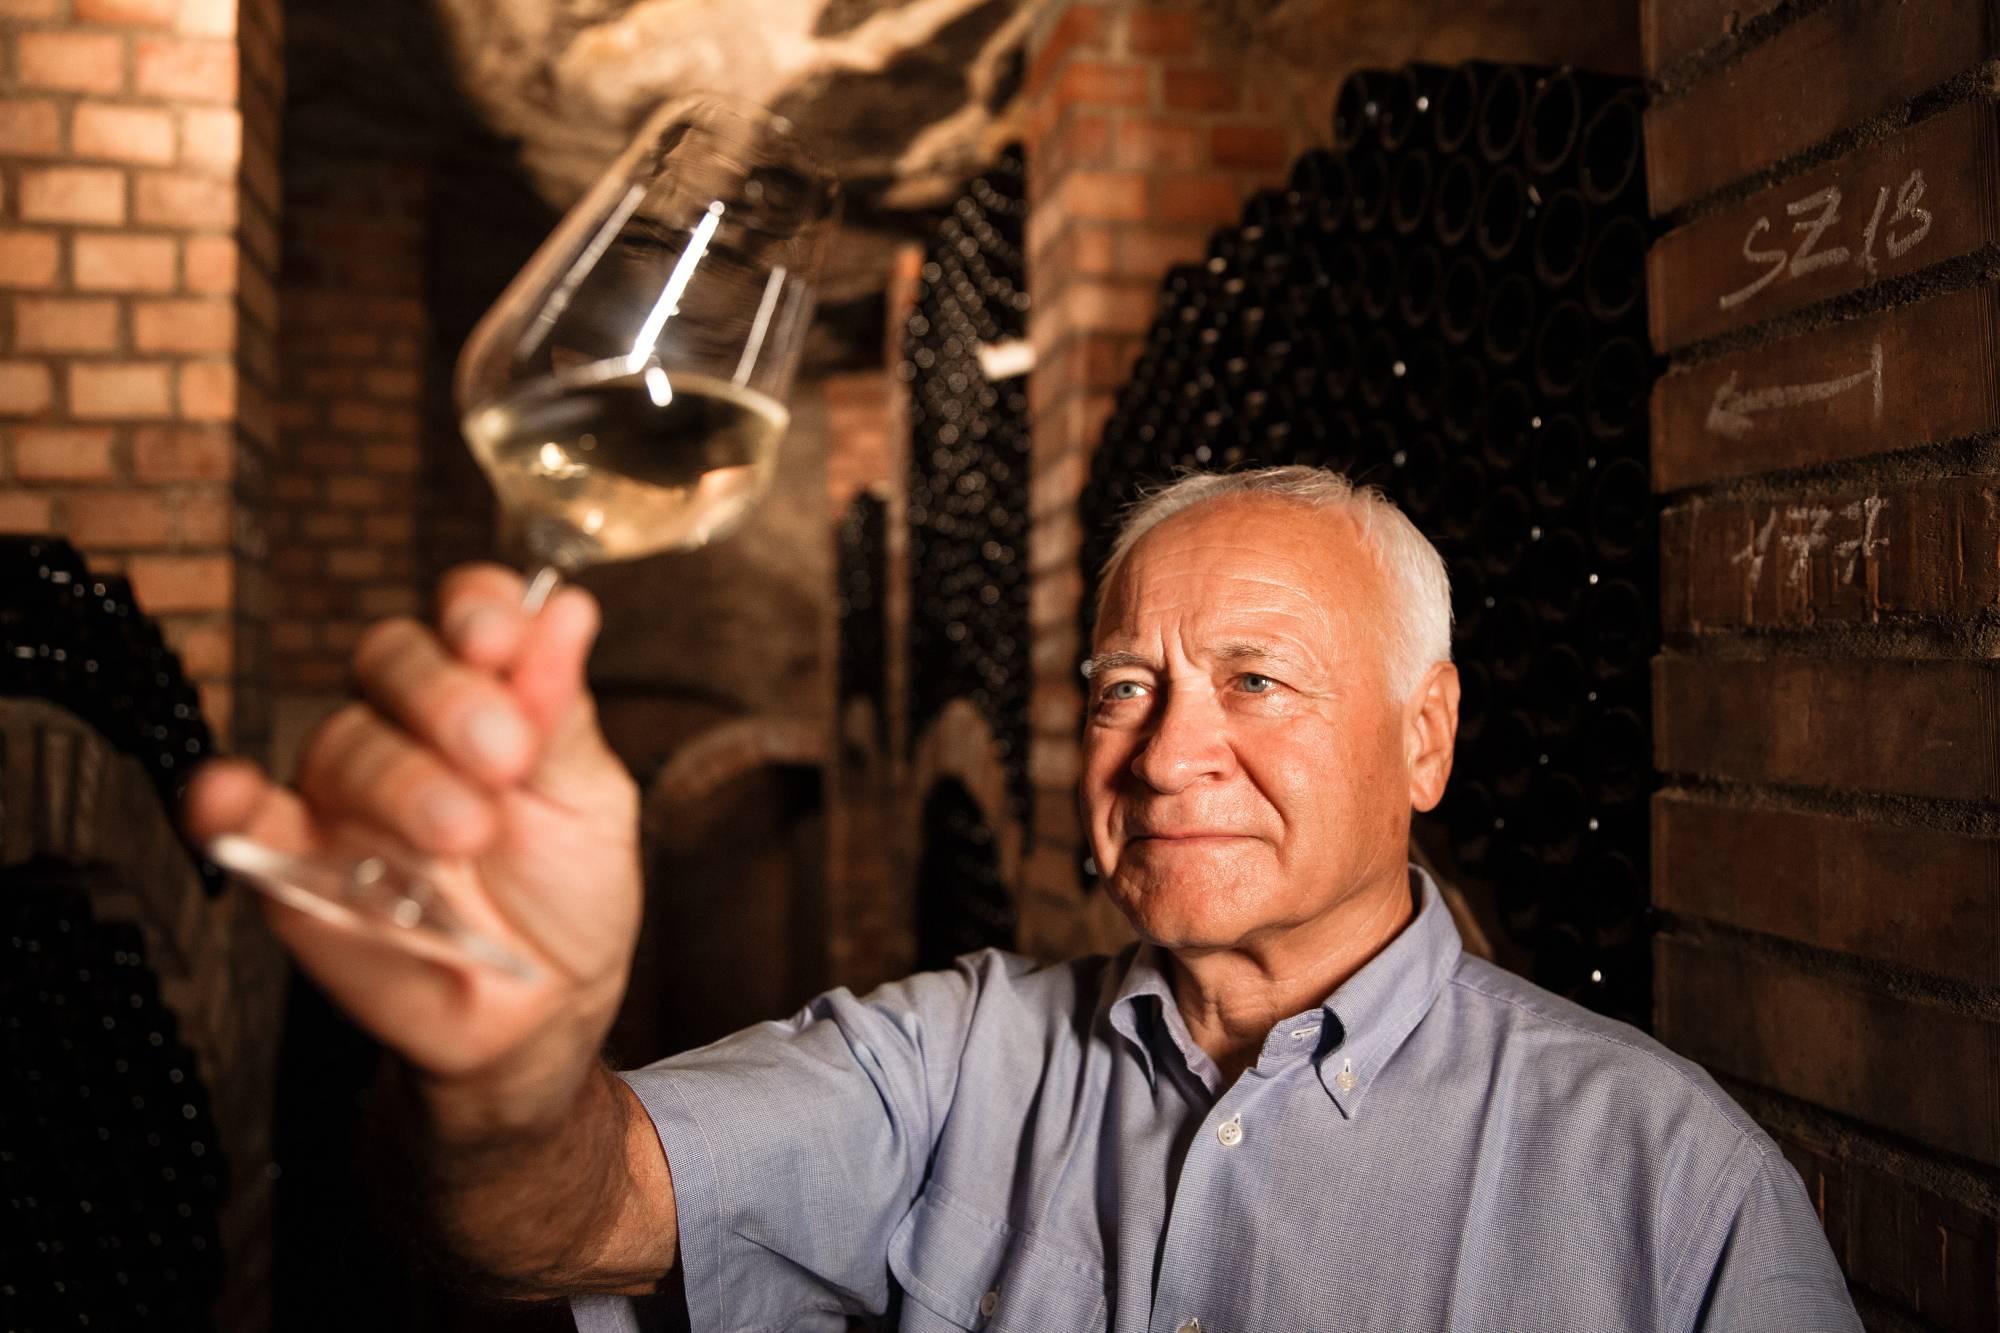 Vinařství Dobrovolný - vinař ing. Dobrovolný